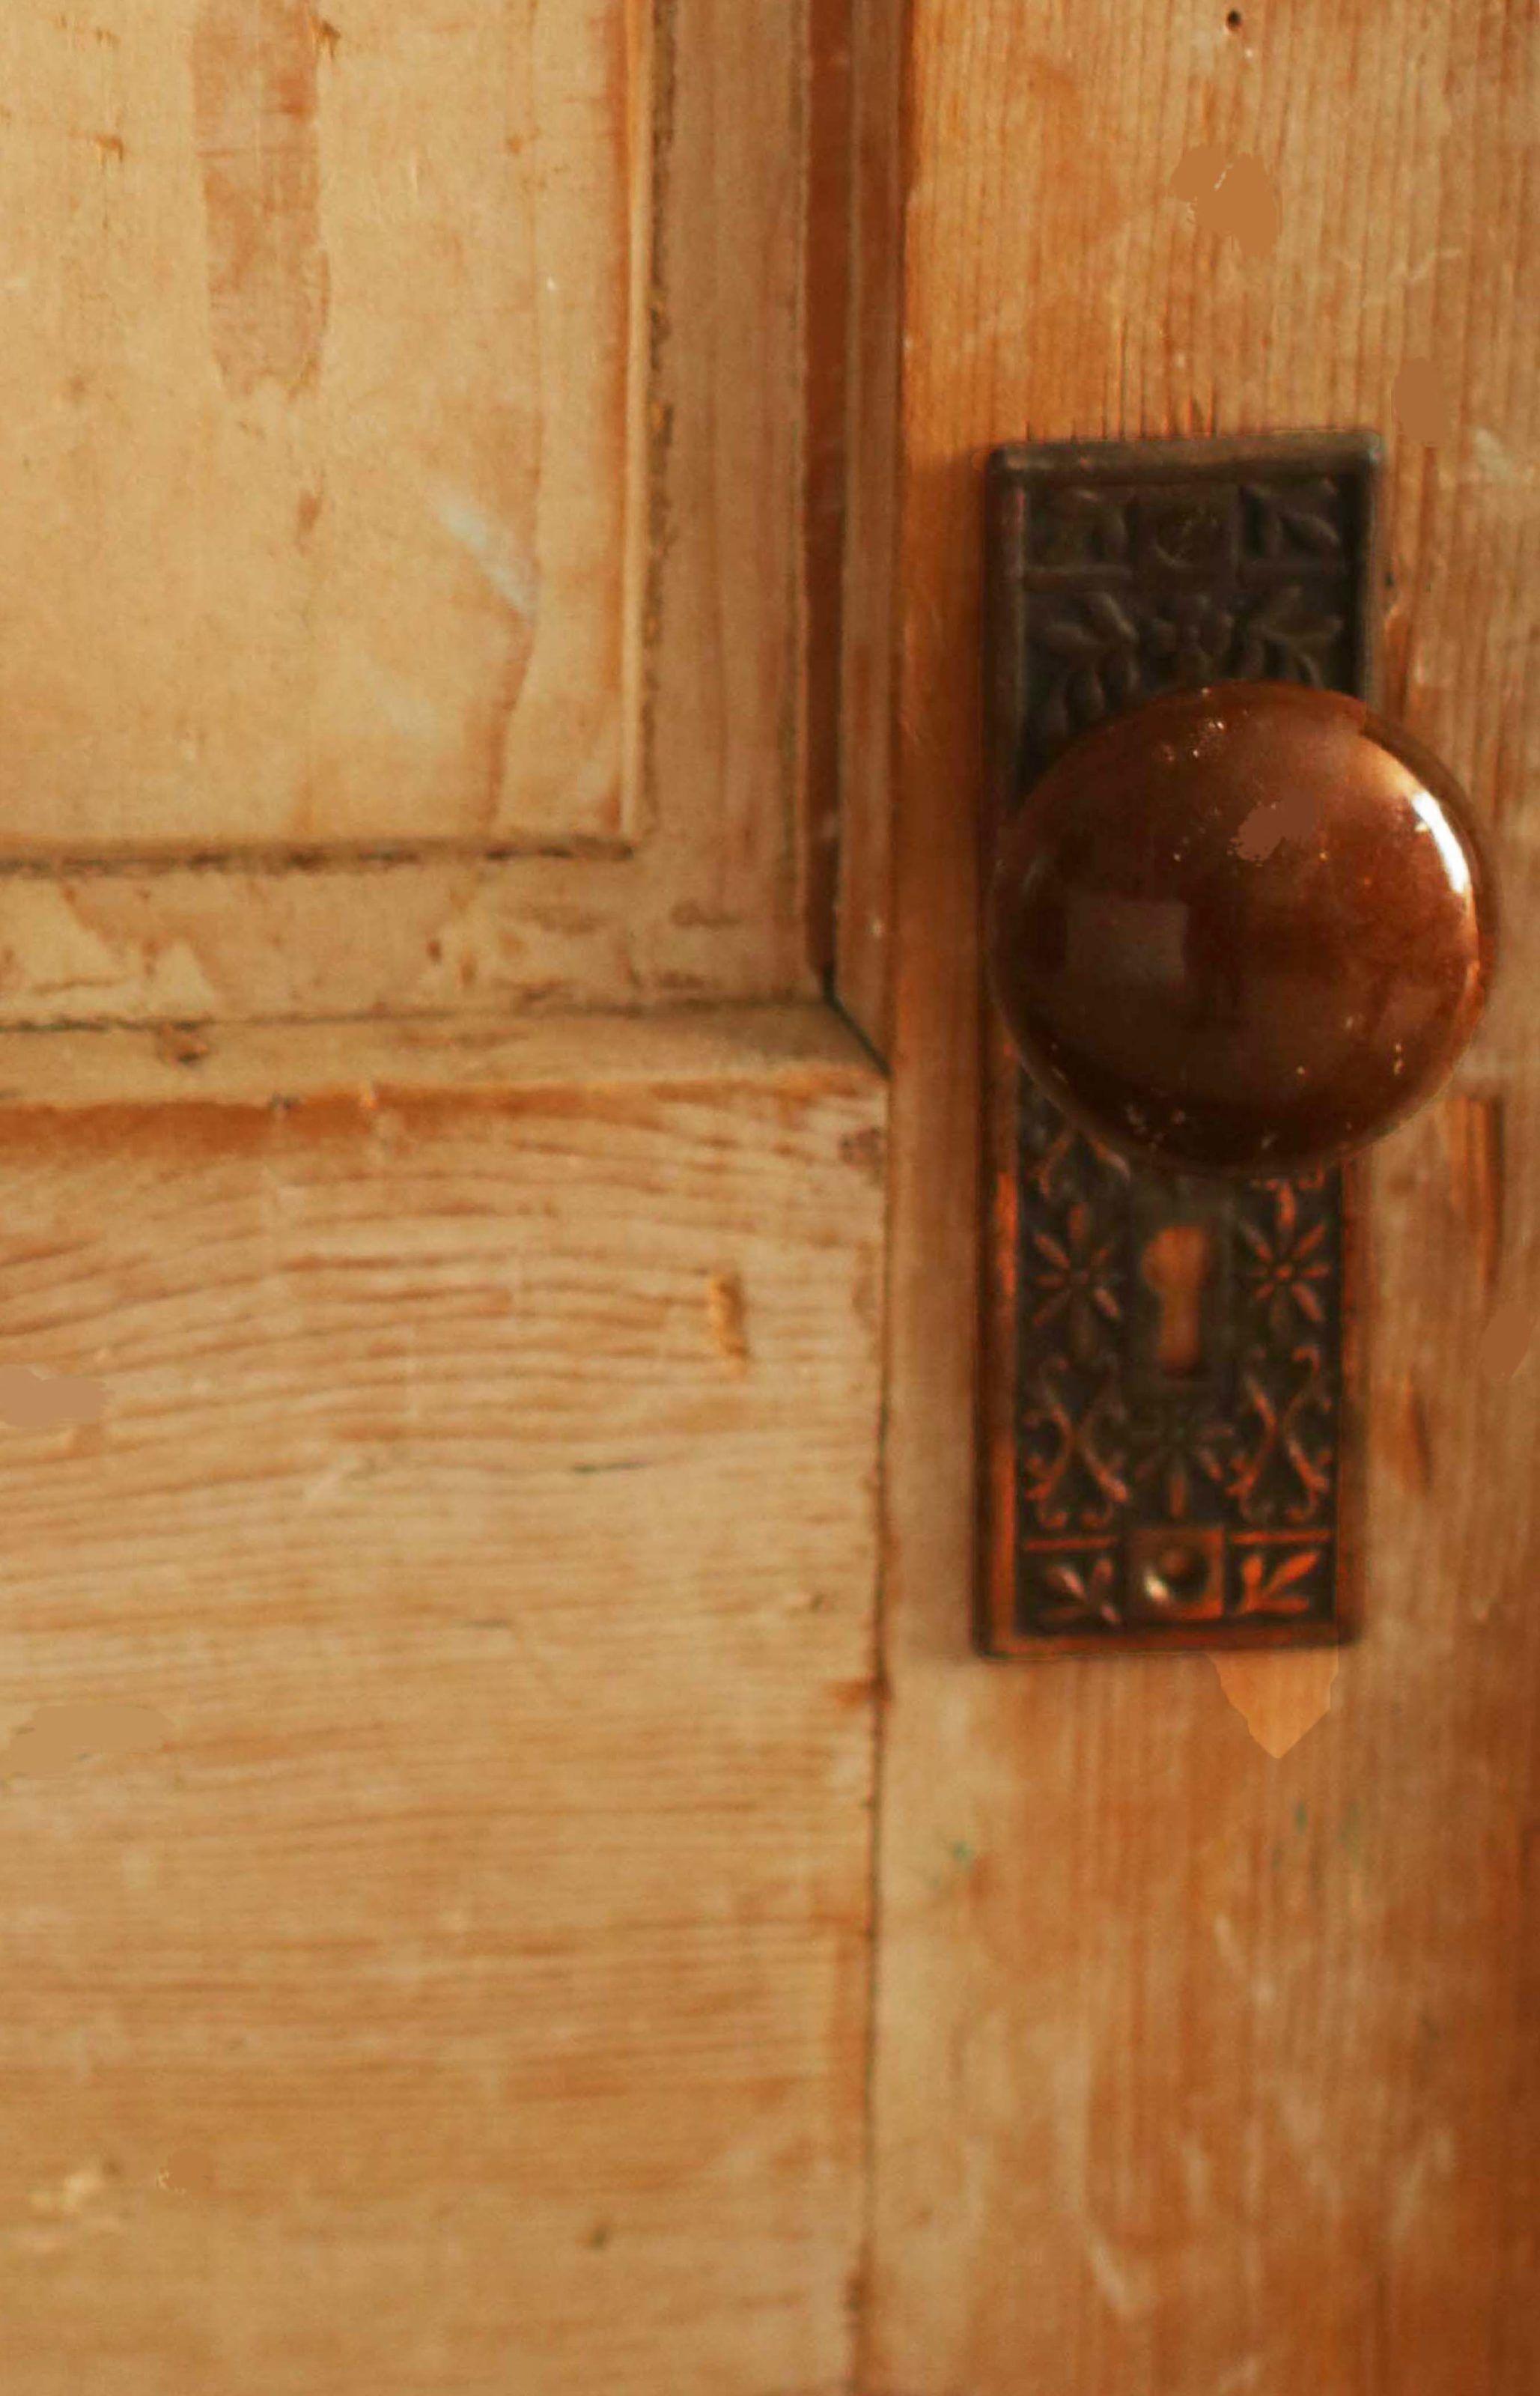 Repurpose Old Wood Doors Old Wood Doors Old Wood Wood Doors